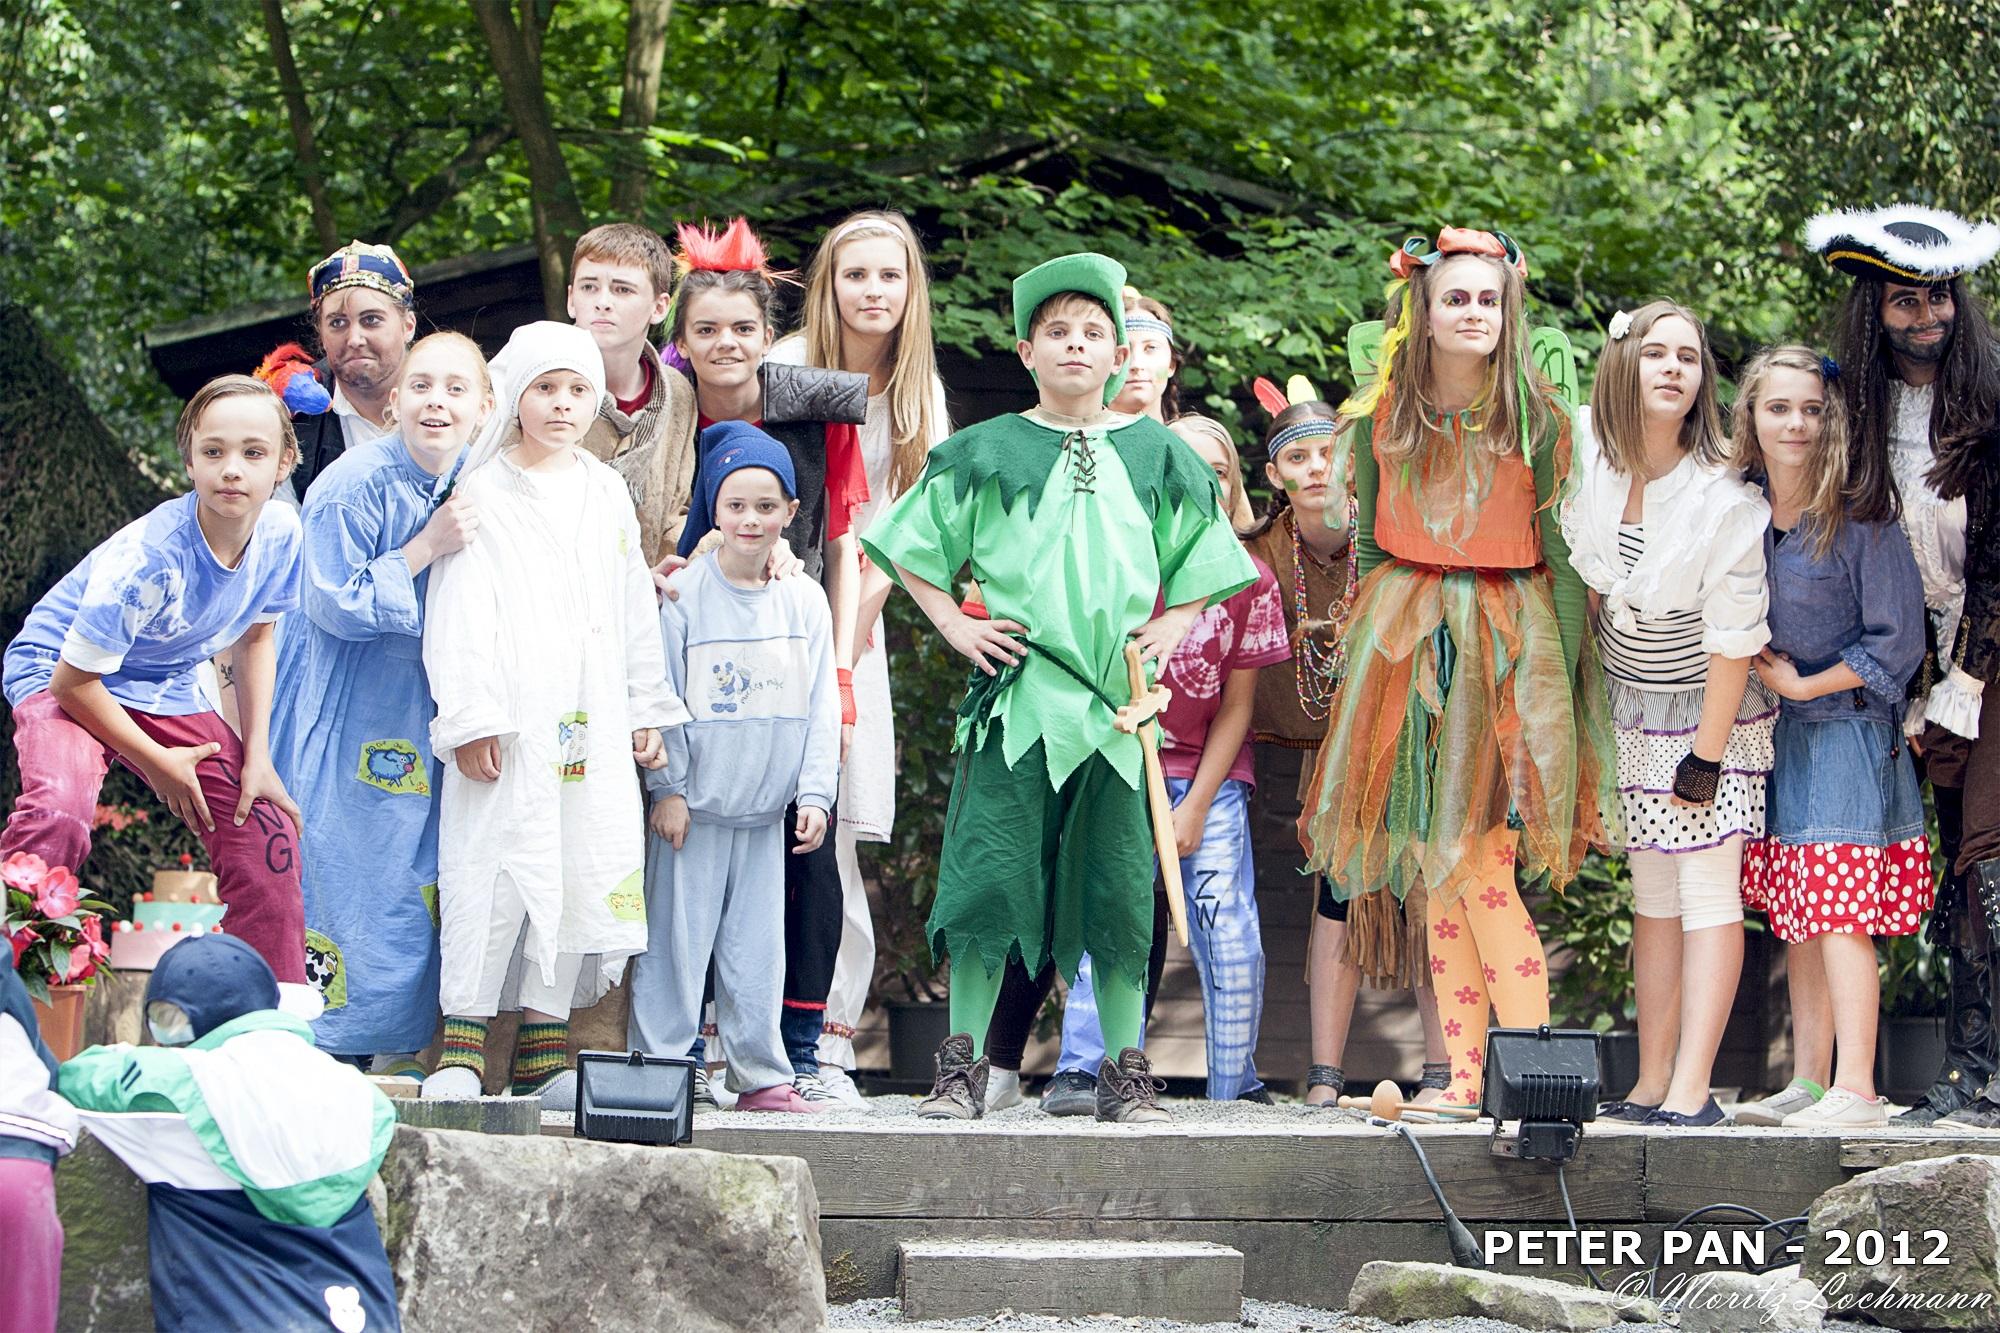 Peter Pan 2012